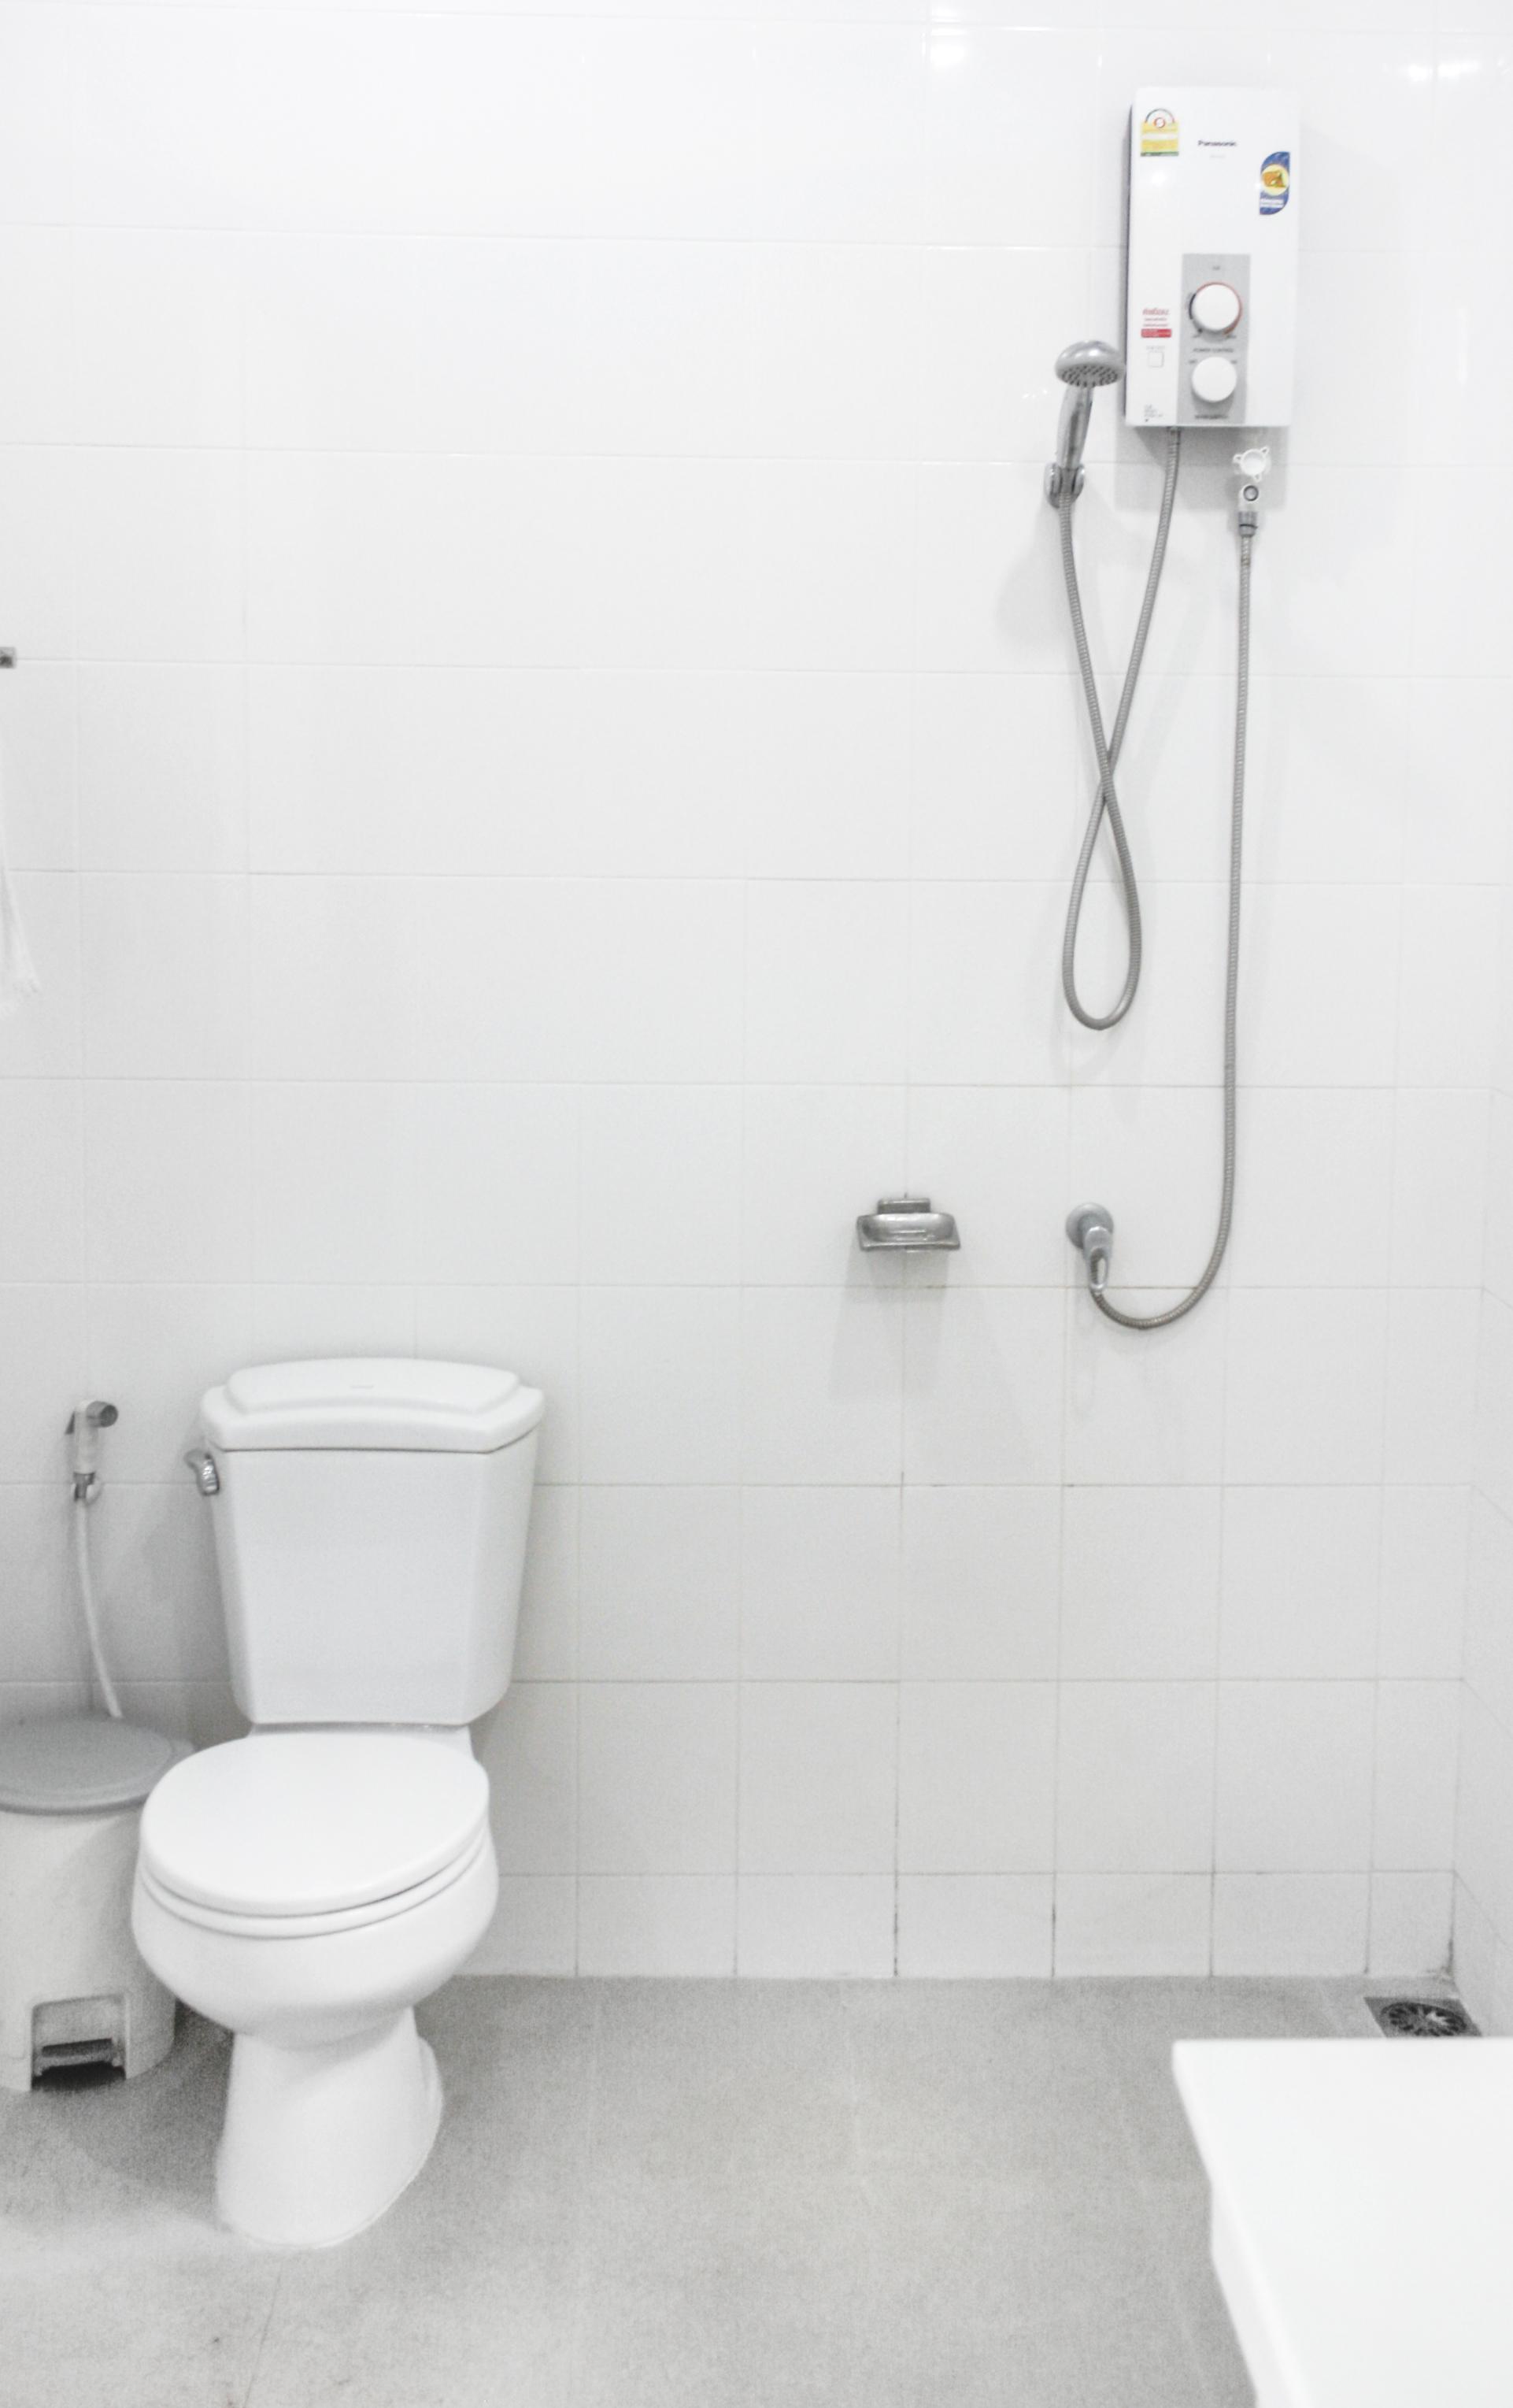 badkamer-suite-2.jpg